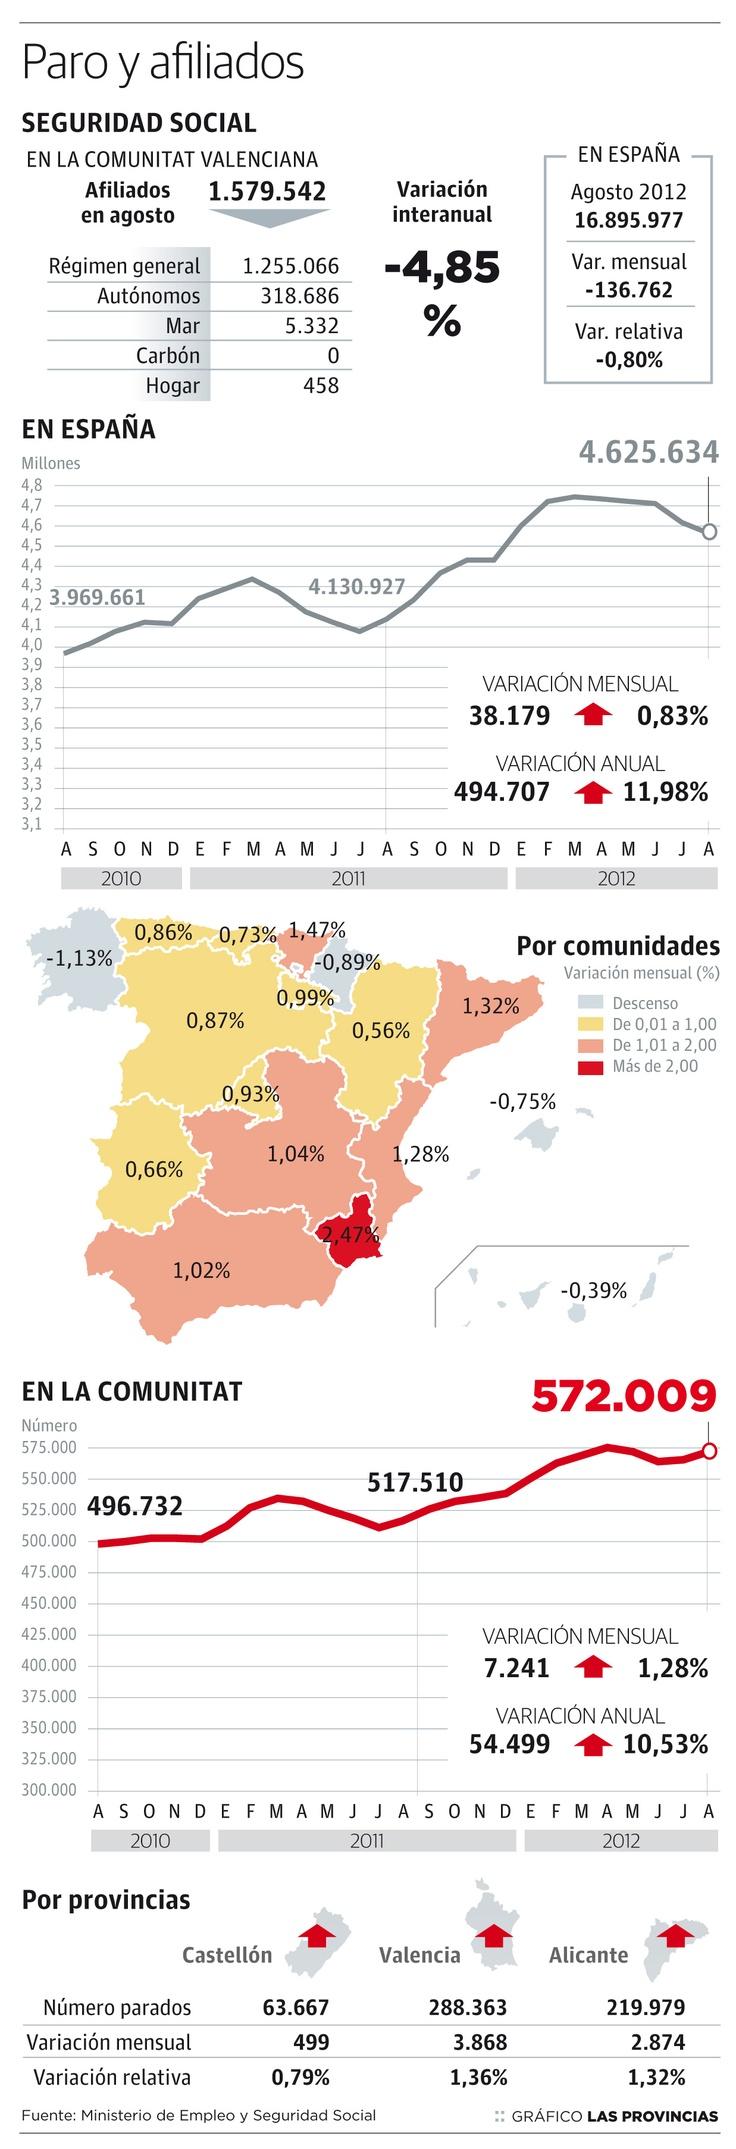 Número de parados y afiliados a la seguridad social en España por comunidades